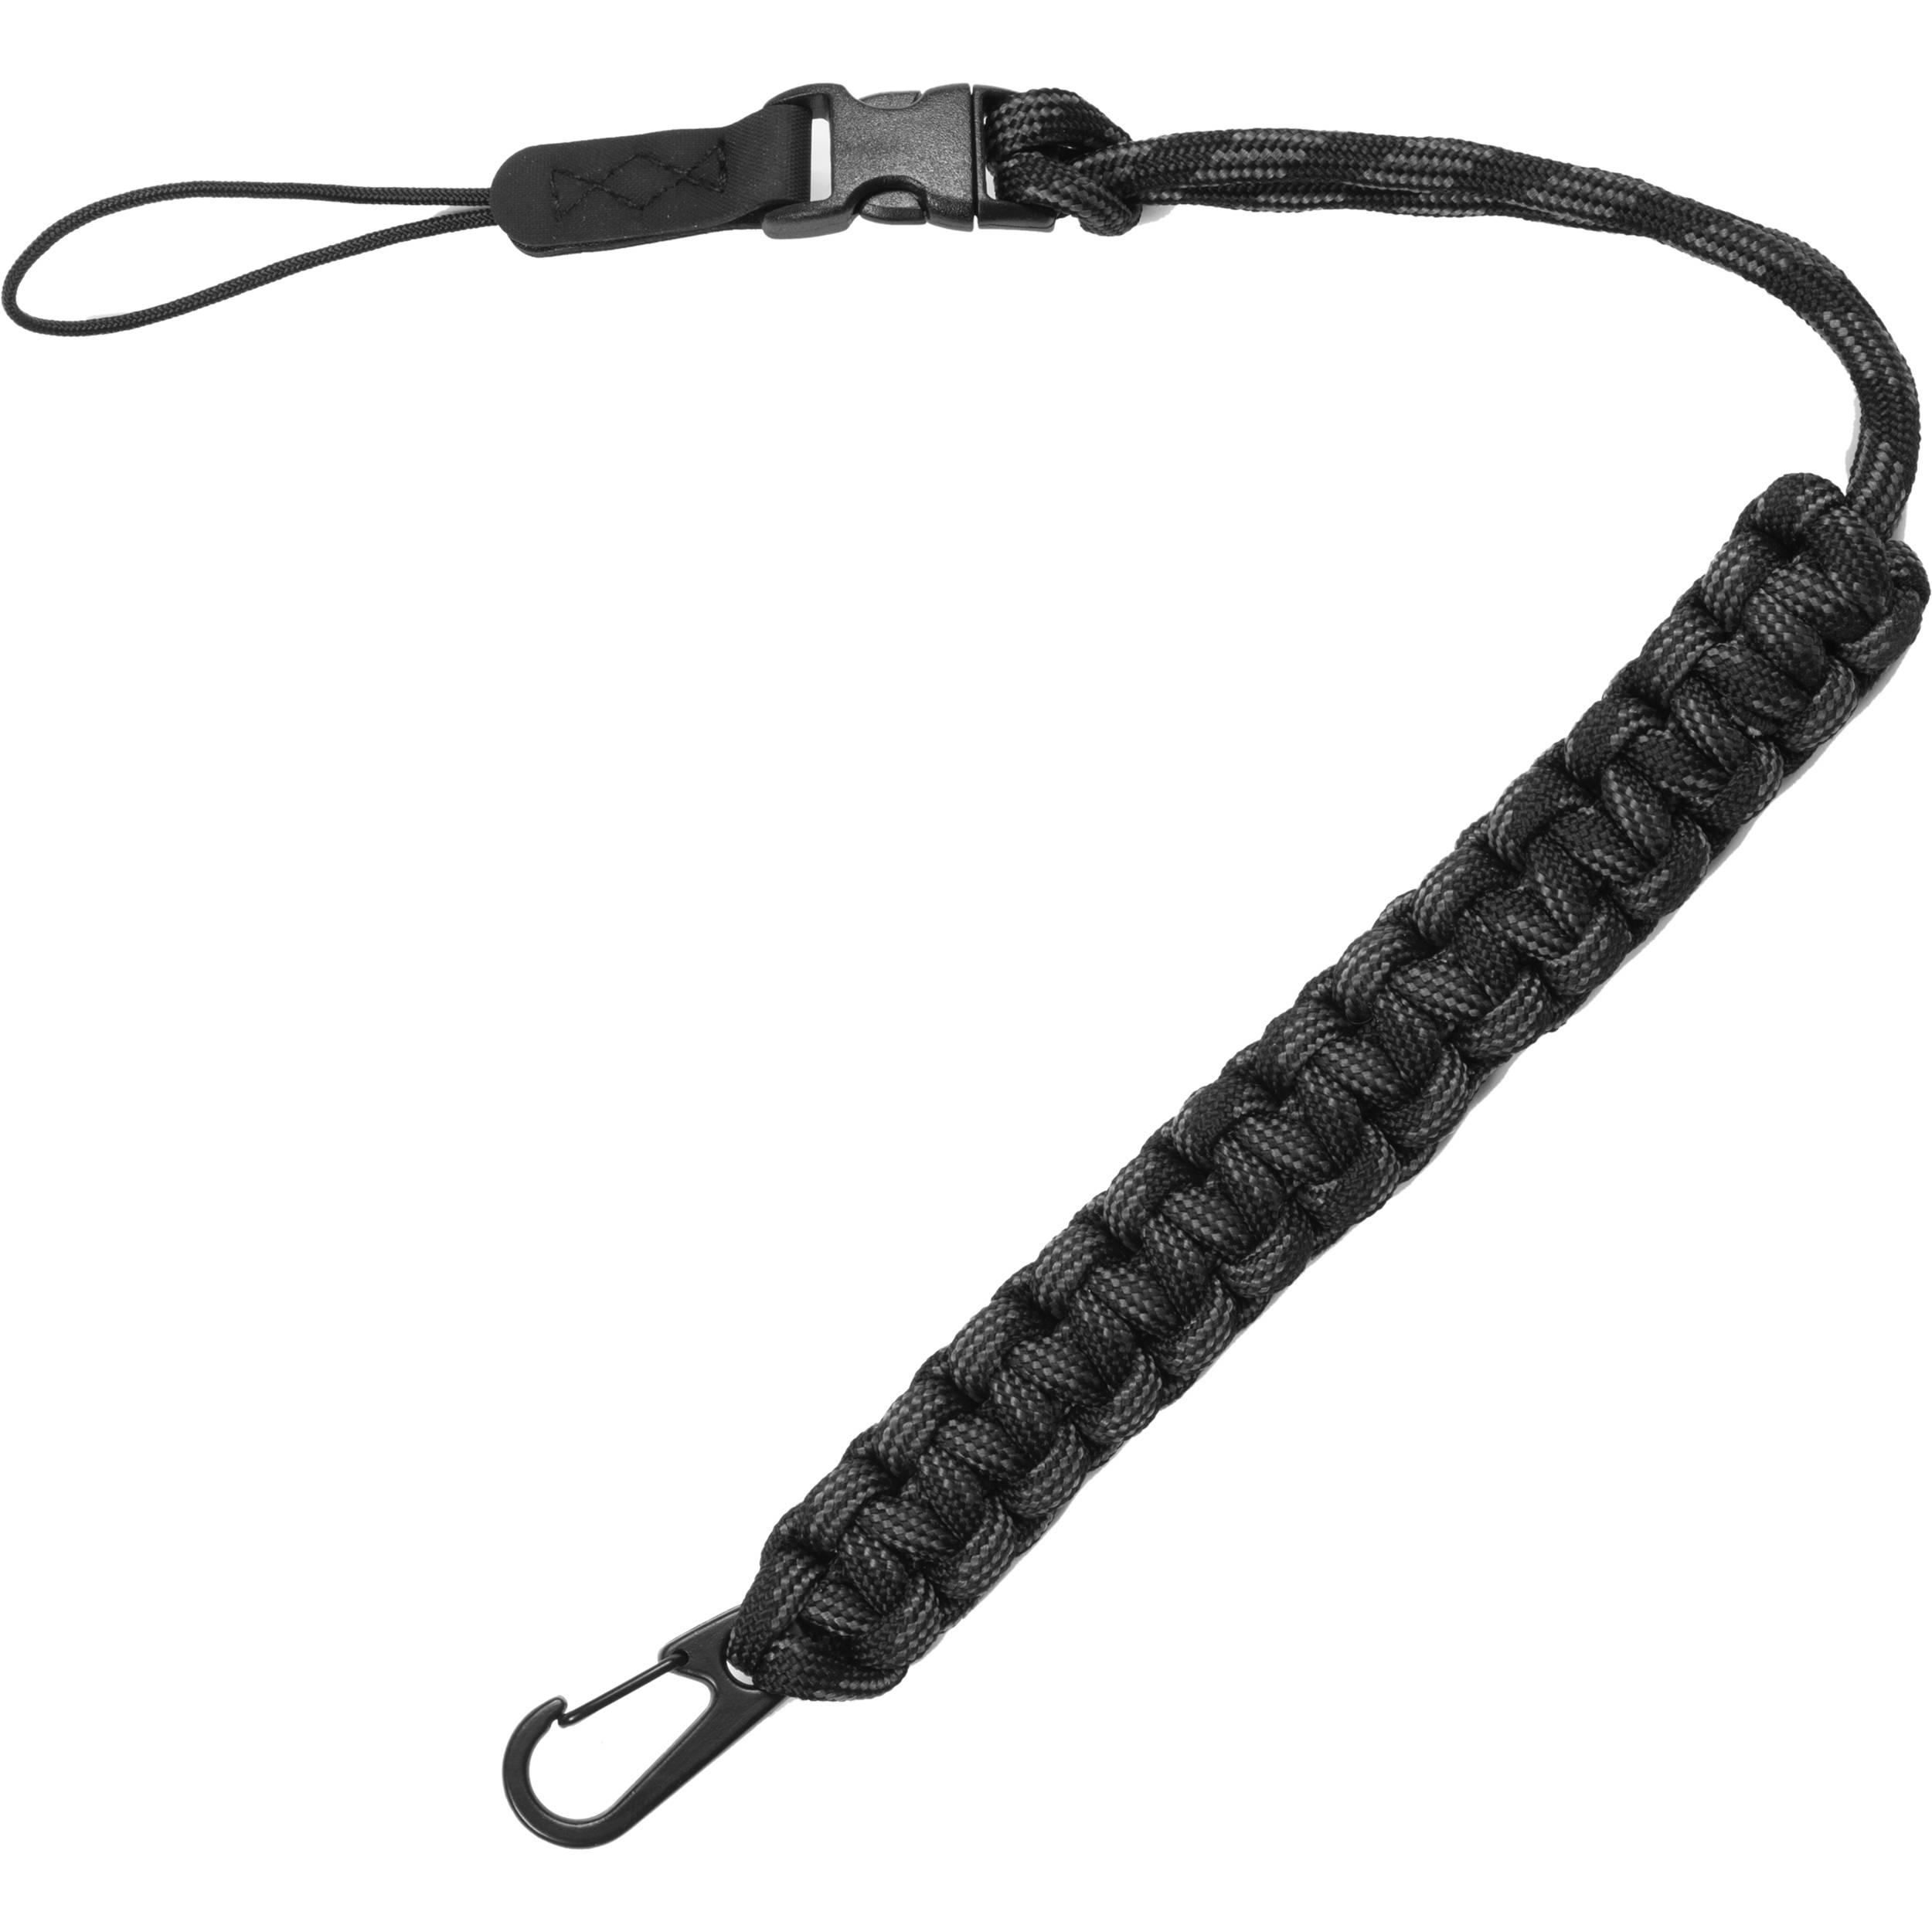 Purple Strap Detachable Paracord Strap Bag Strap Paracord Strap Personal Safety Paracord Strap Camera Strap